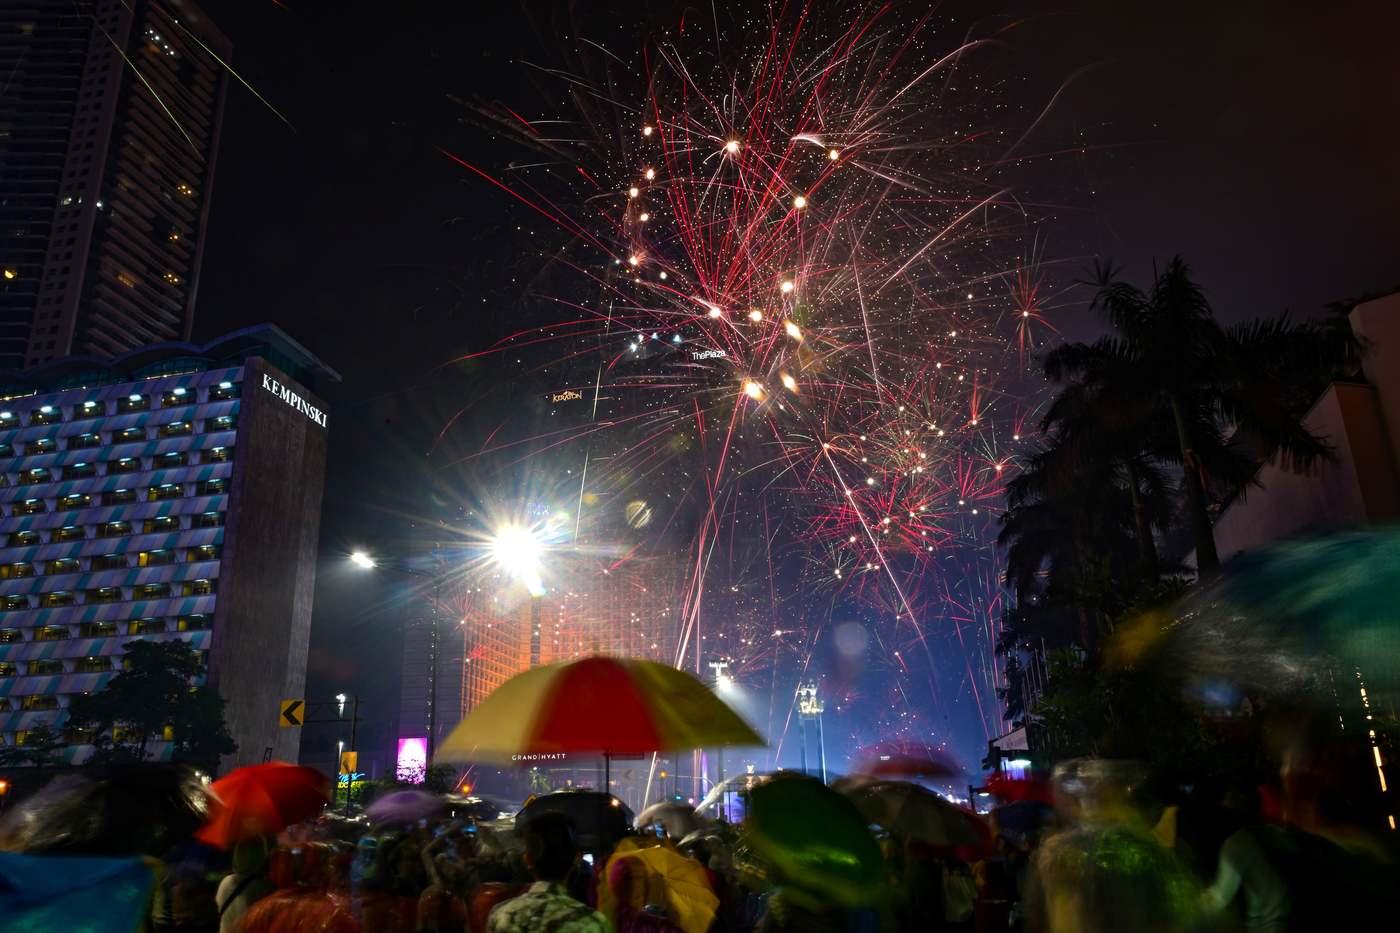 Jakartában is tűzijátékkal köszöntötték az új évet